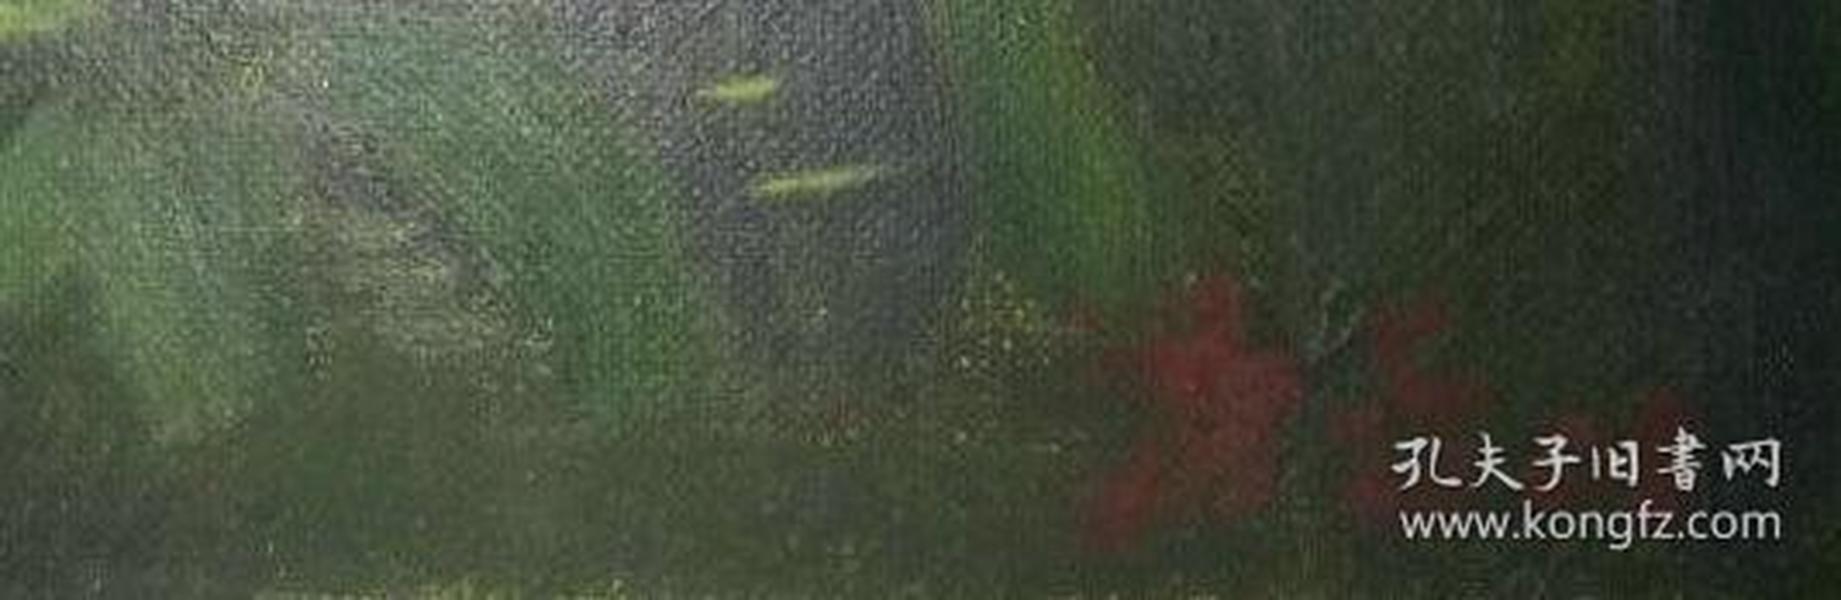 名家带框布面油画《雨季》—【低价拍售完为止】油画作品(*U-WPW0YHT)